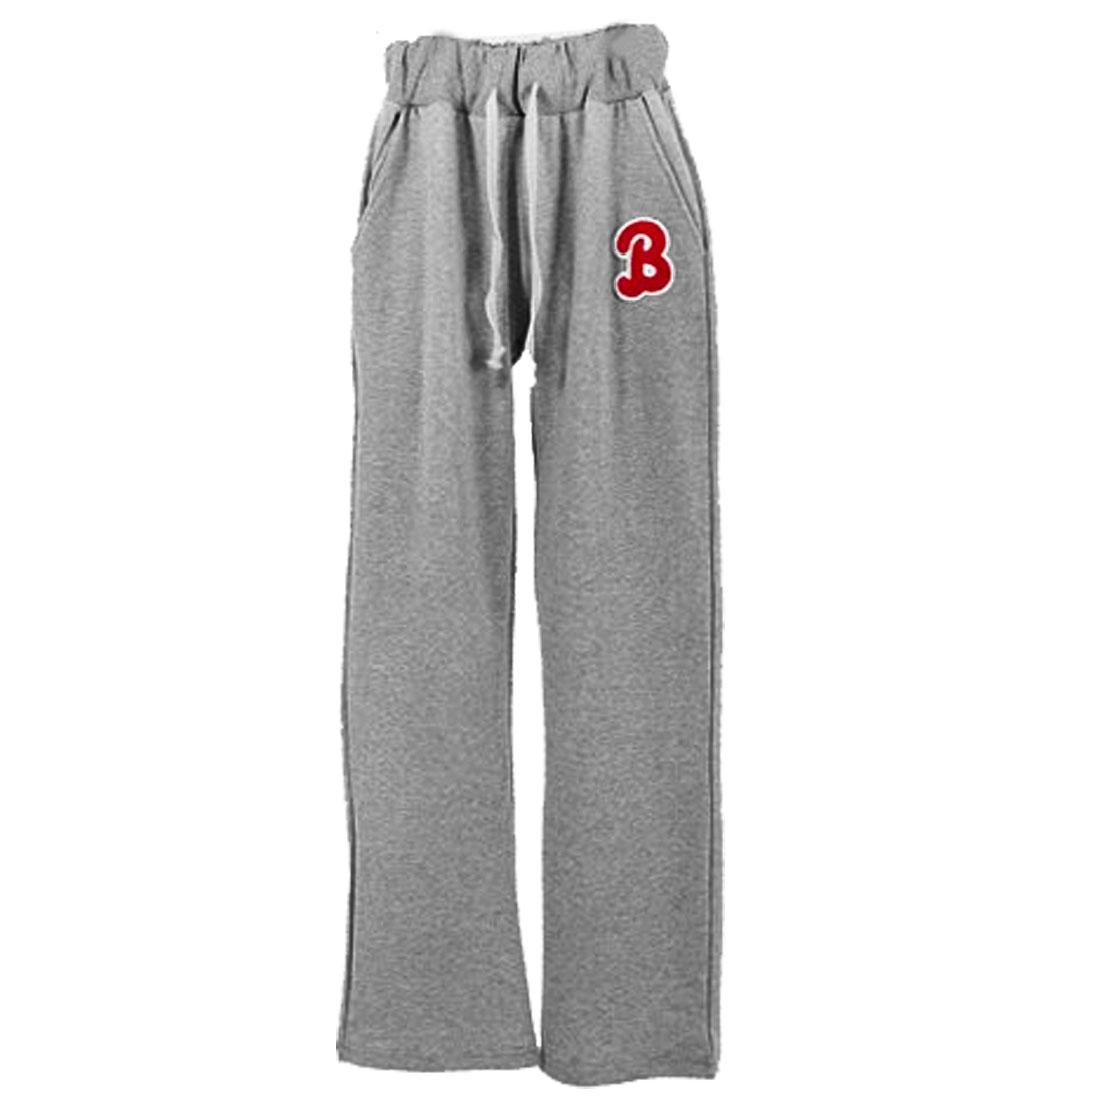 Men Elastic Waist Letters Color Contrast Pockets Pants Light Gray W28